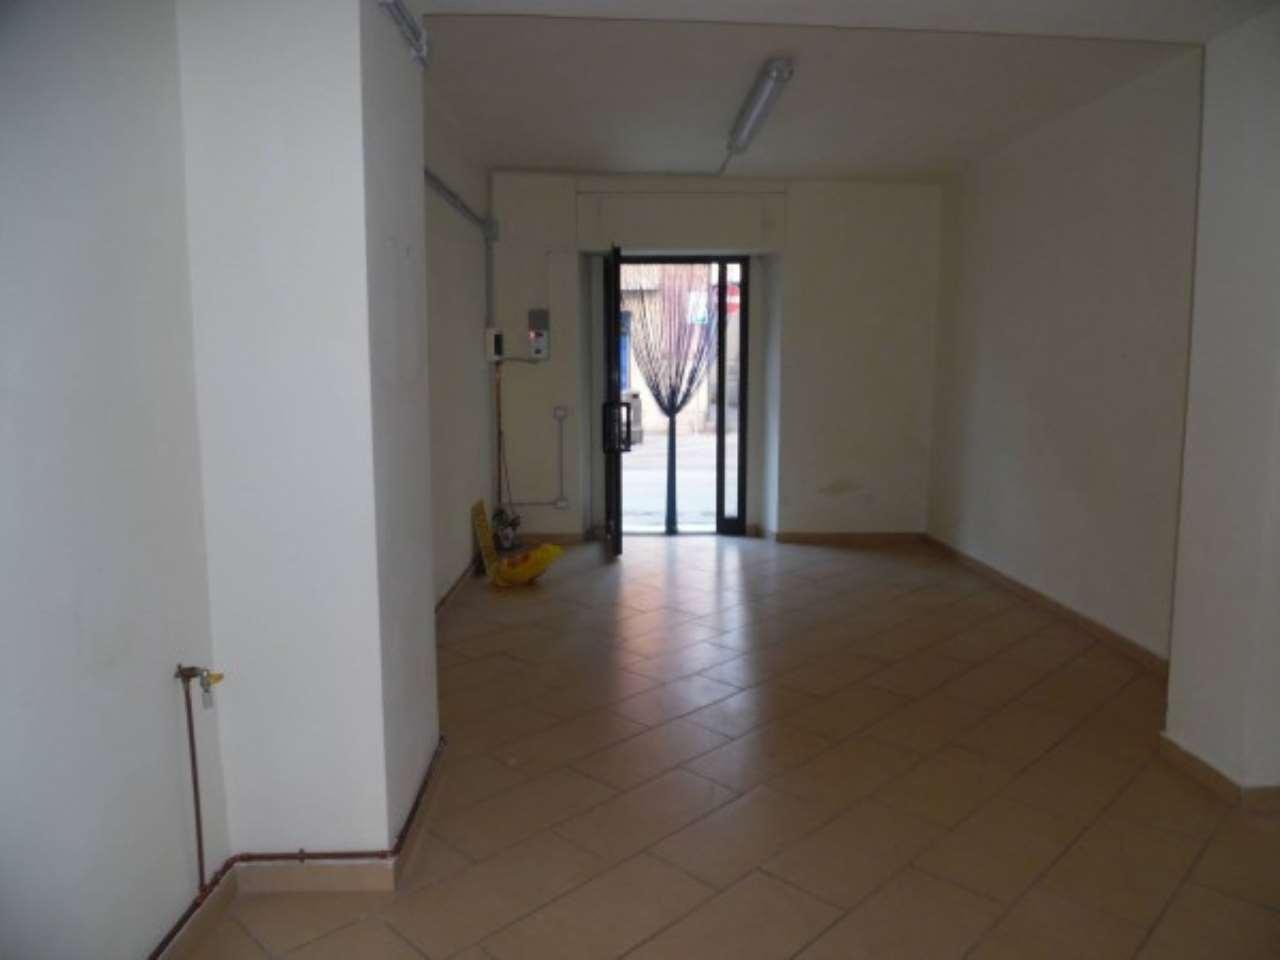 Negozio / Locale in affitto a Rieti, 2 locali, prezzo € 500 | Cambio Casa.it